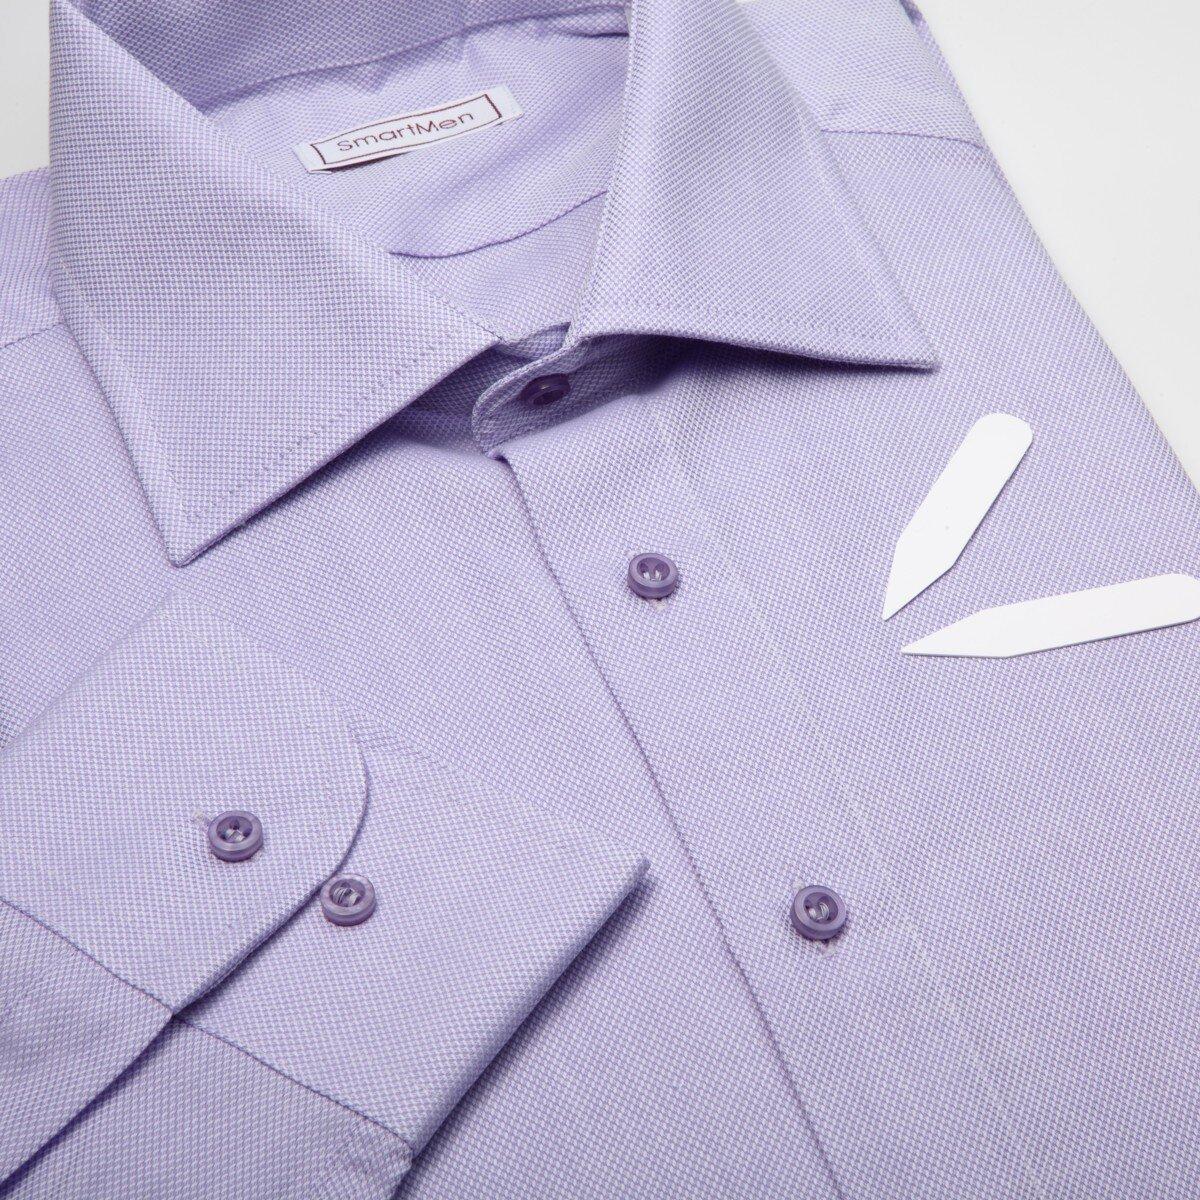 d98d94968cc0 Pánska košeľa jednofarebná fialová Royal Oxford